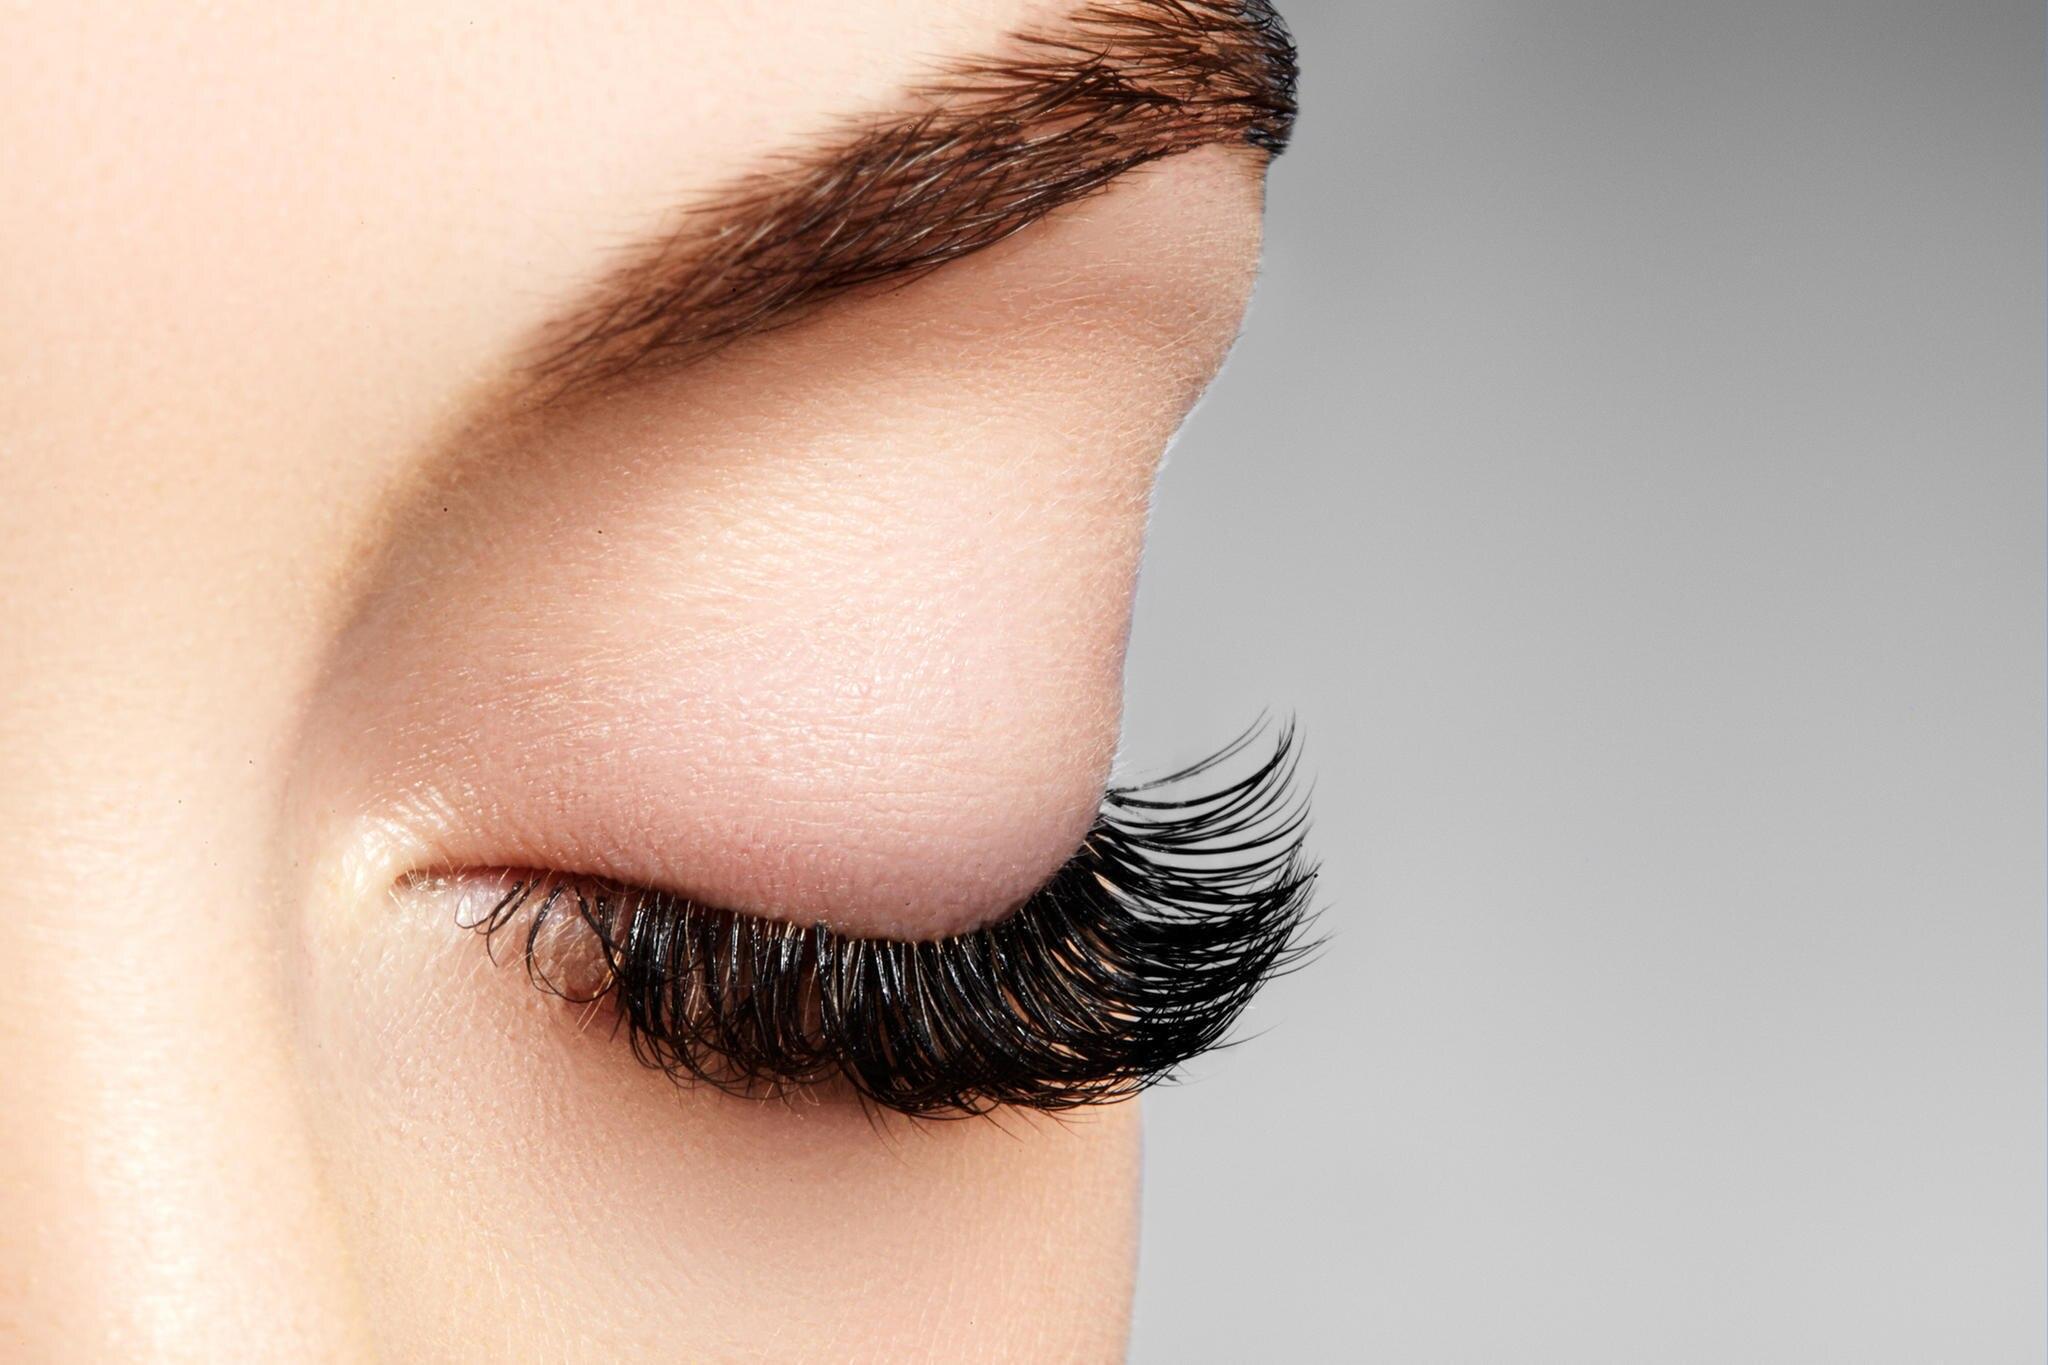 Unglaublich: Schwangere Frau wird fast blind, weil sie falsche Wimpern trug